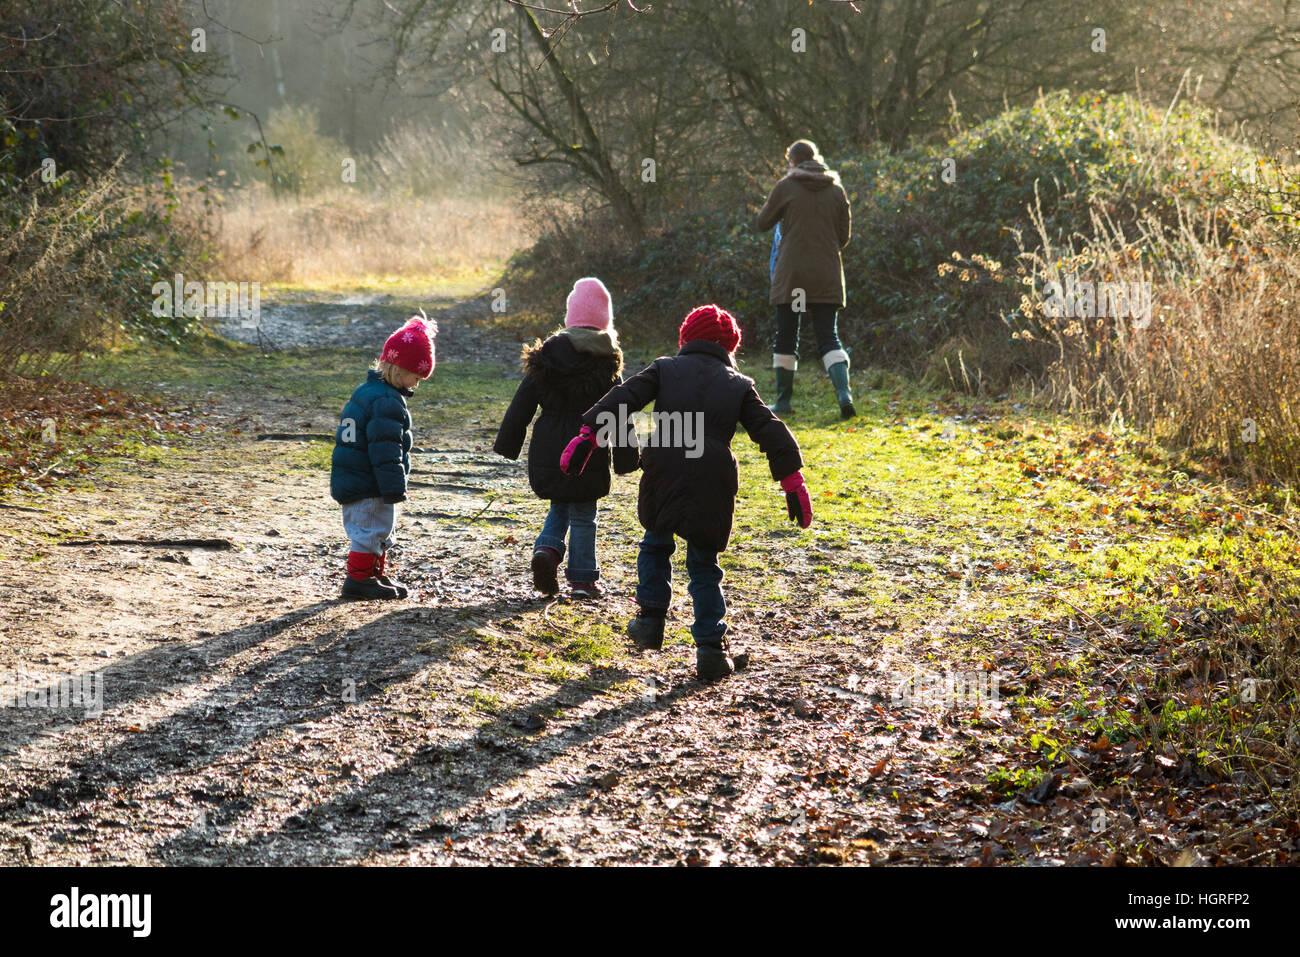 Mère et 3 enfants Trois enfants filles / marche à pied le long du chemin boueux / dans la boue sur la Photo Stock